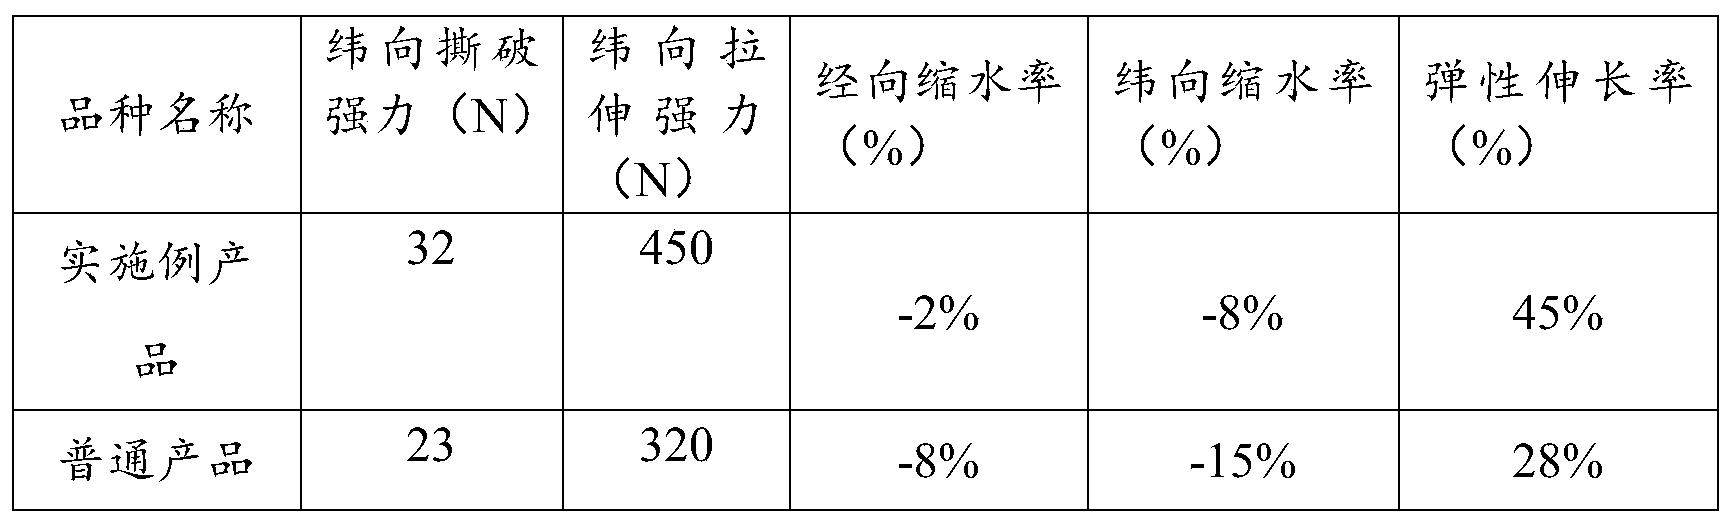 Figure PCTCN2019078519-appb-000003